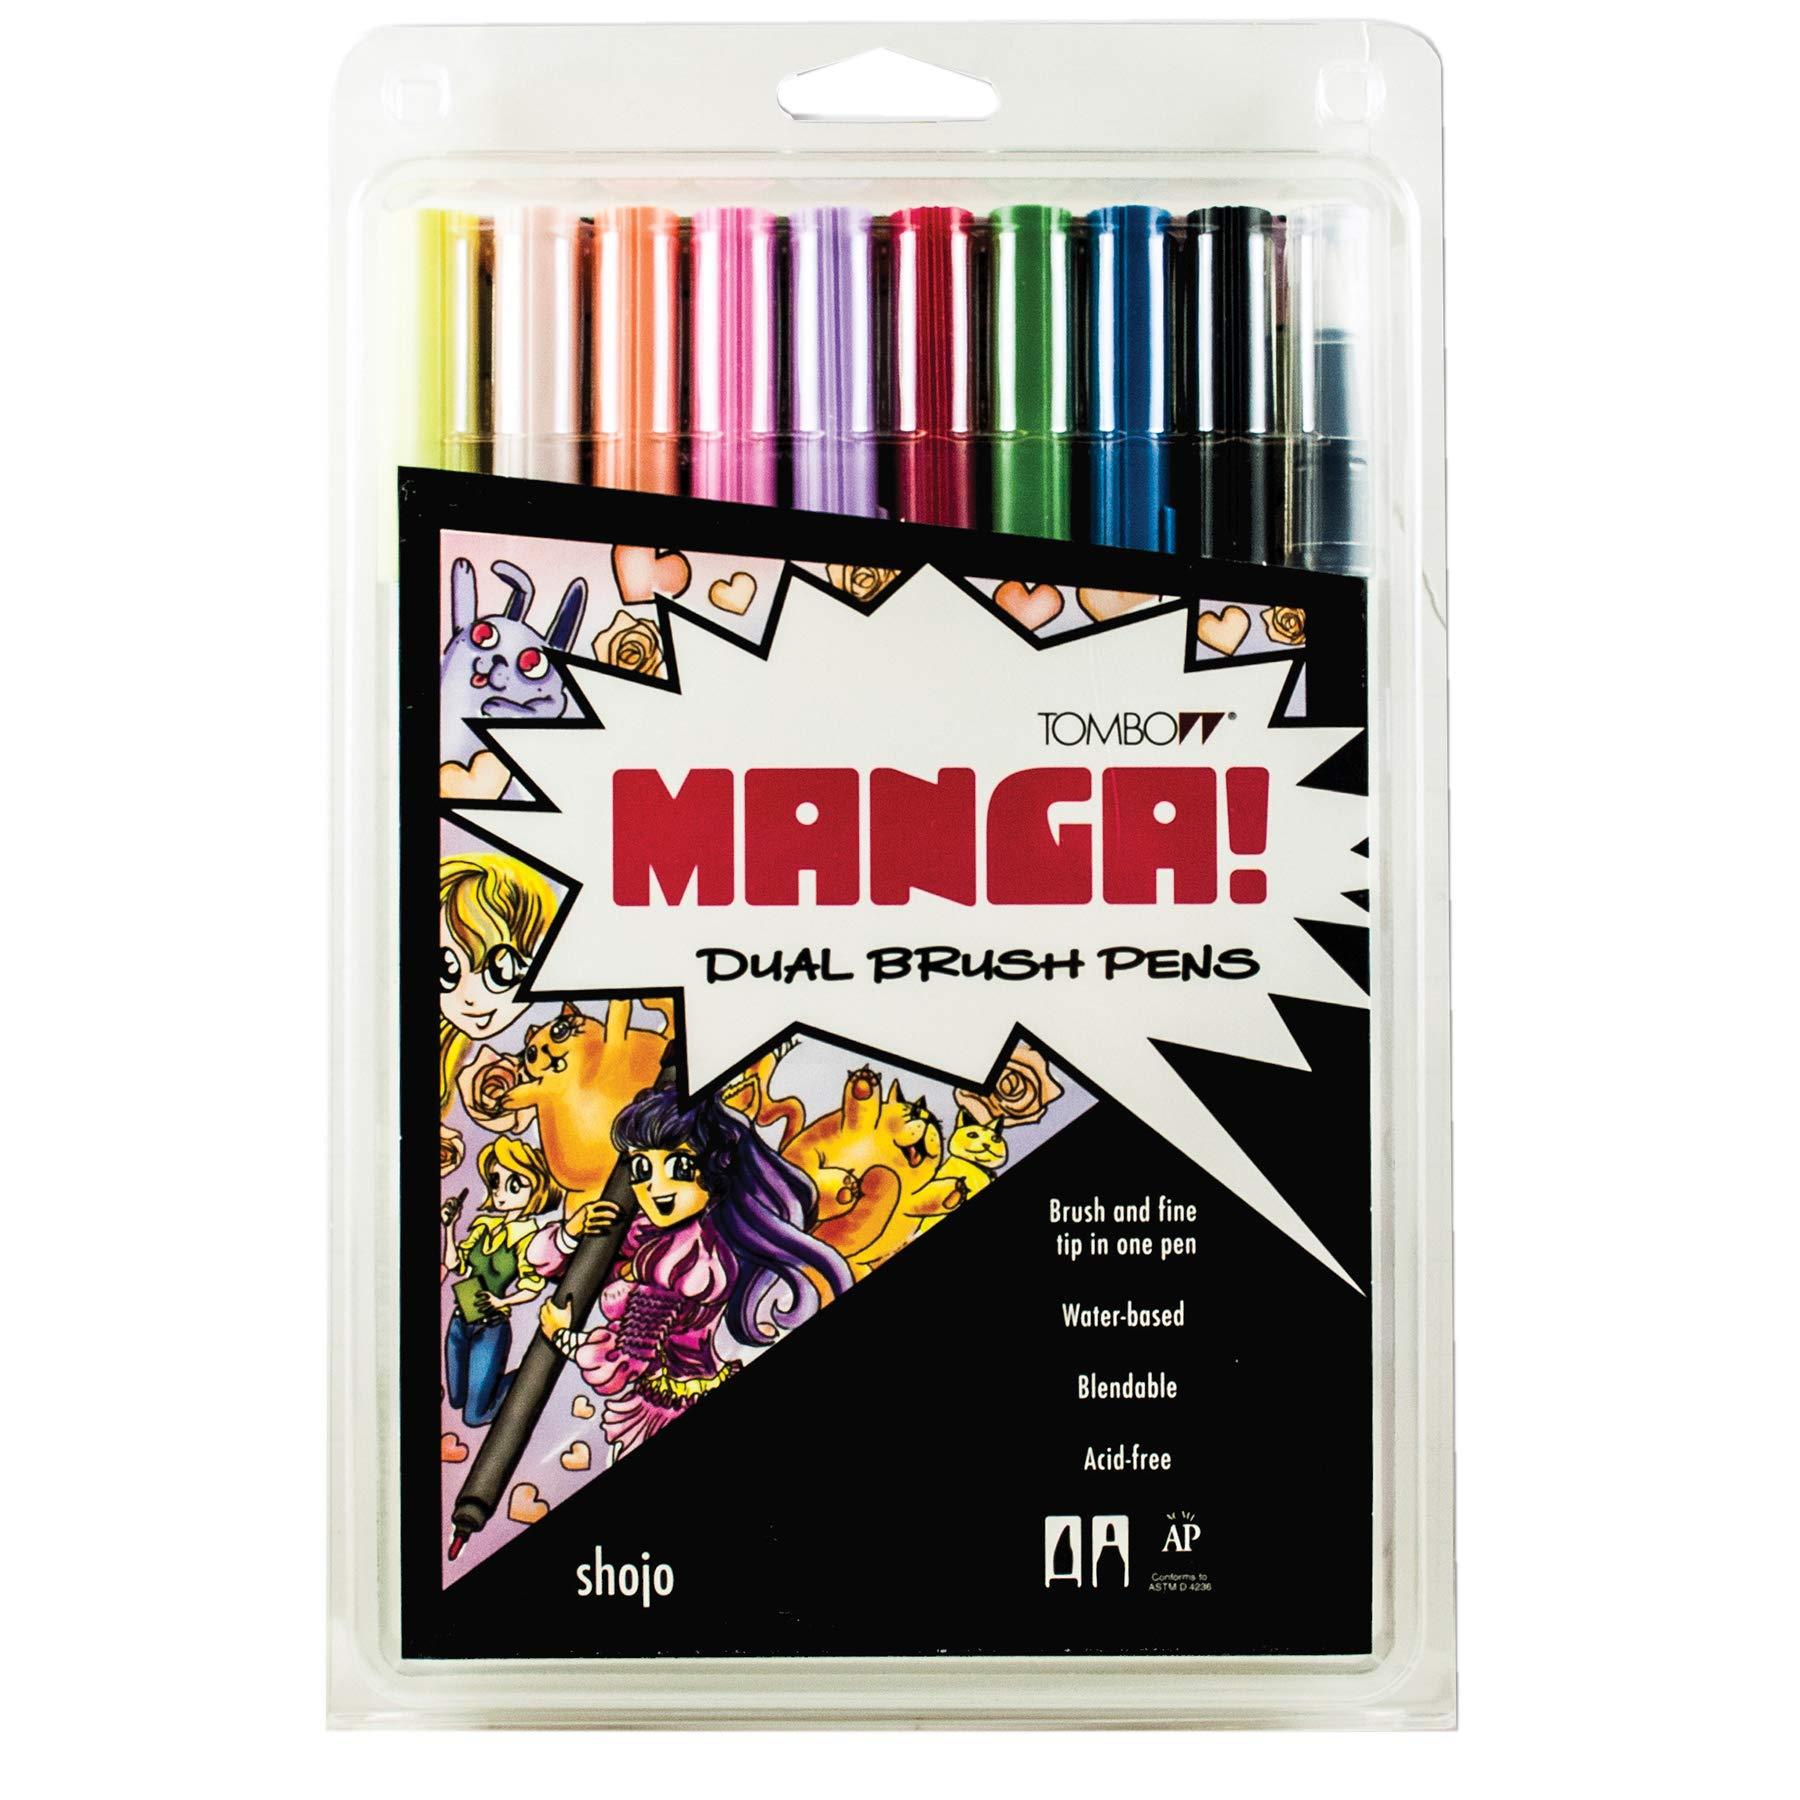 Tombow 56173 Dual Brush Pen Art Markers, Manga Shojo, 10-Pack. Blendable, Brush and Fine Tip Markers